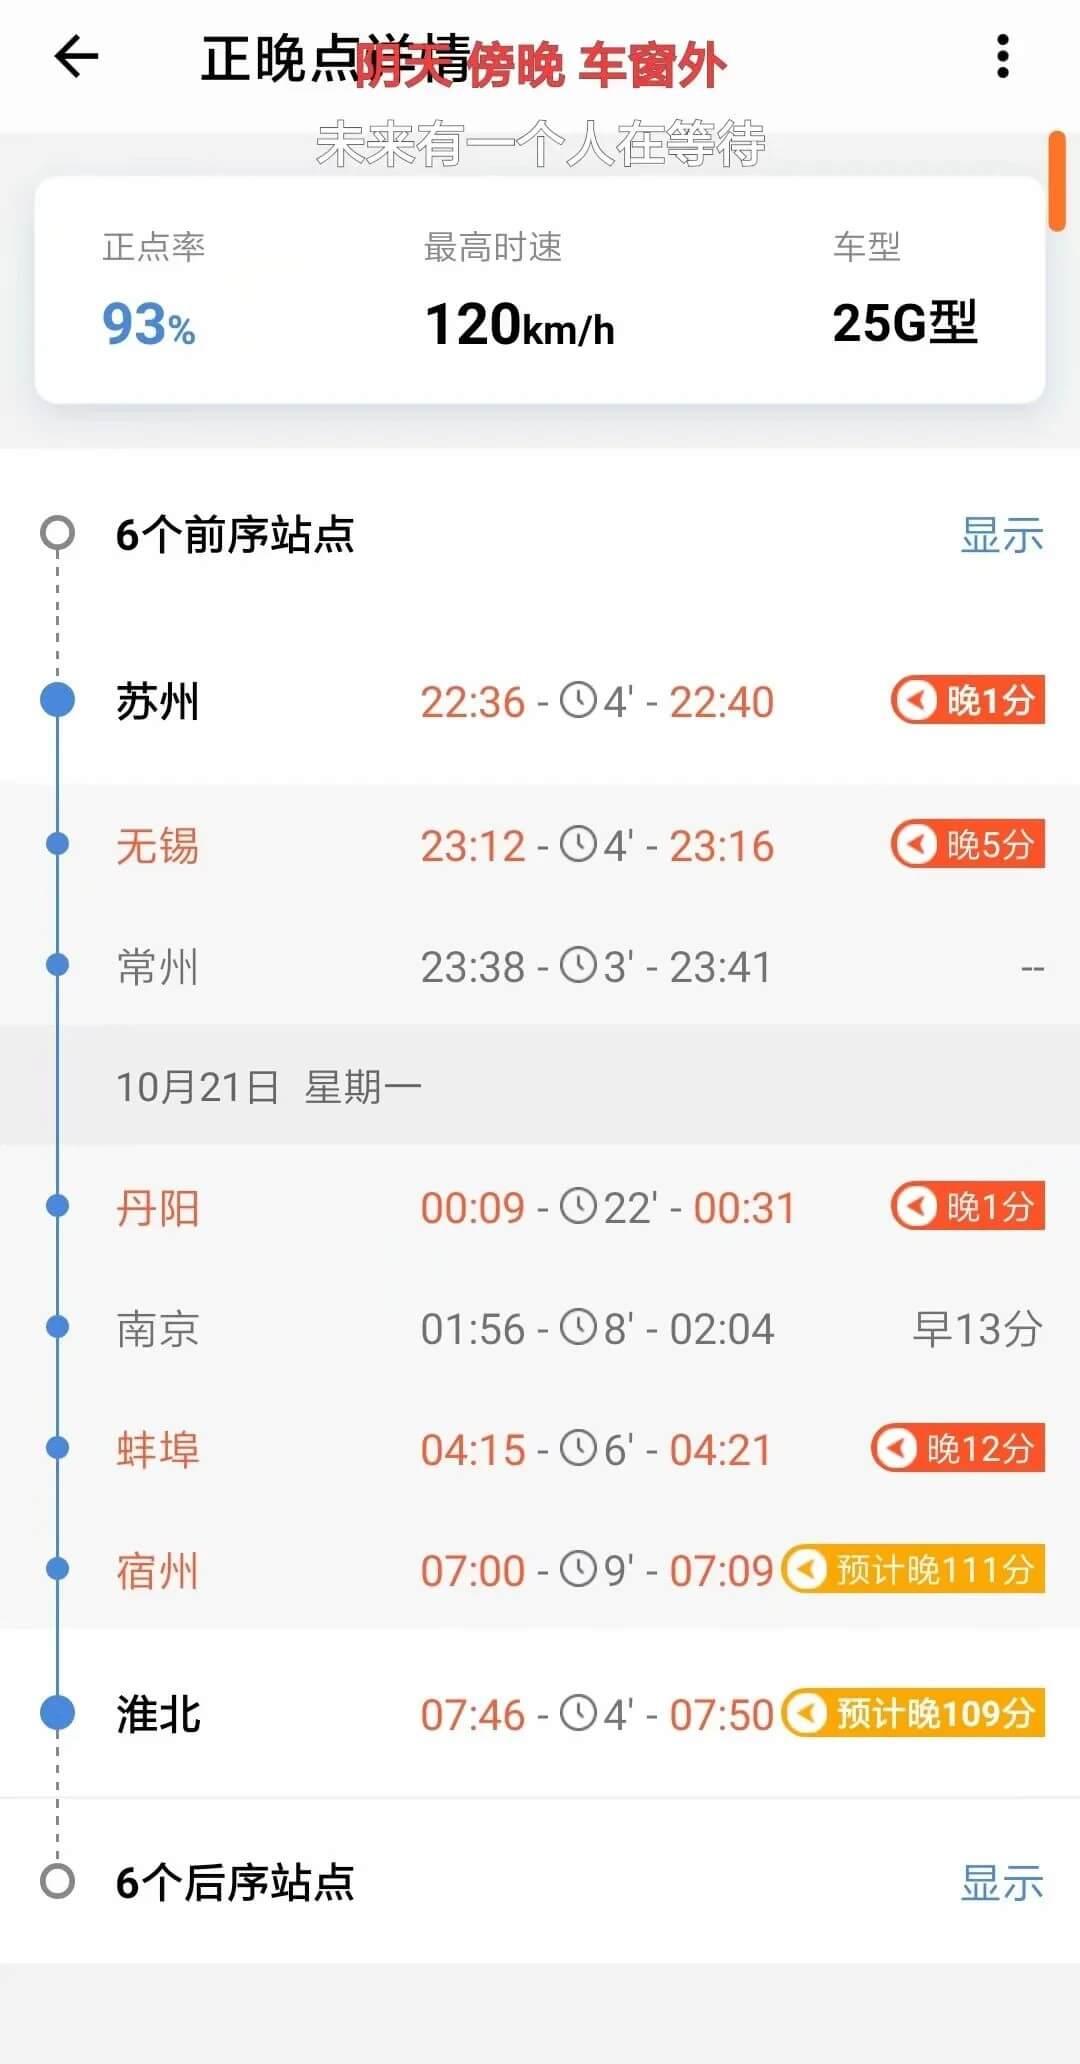 火车正晚点